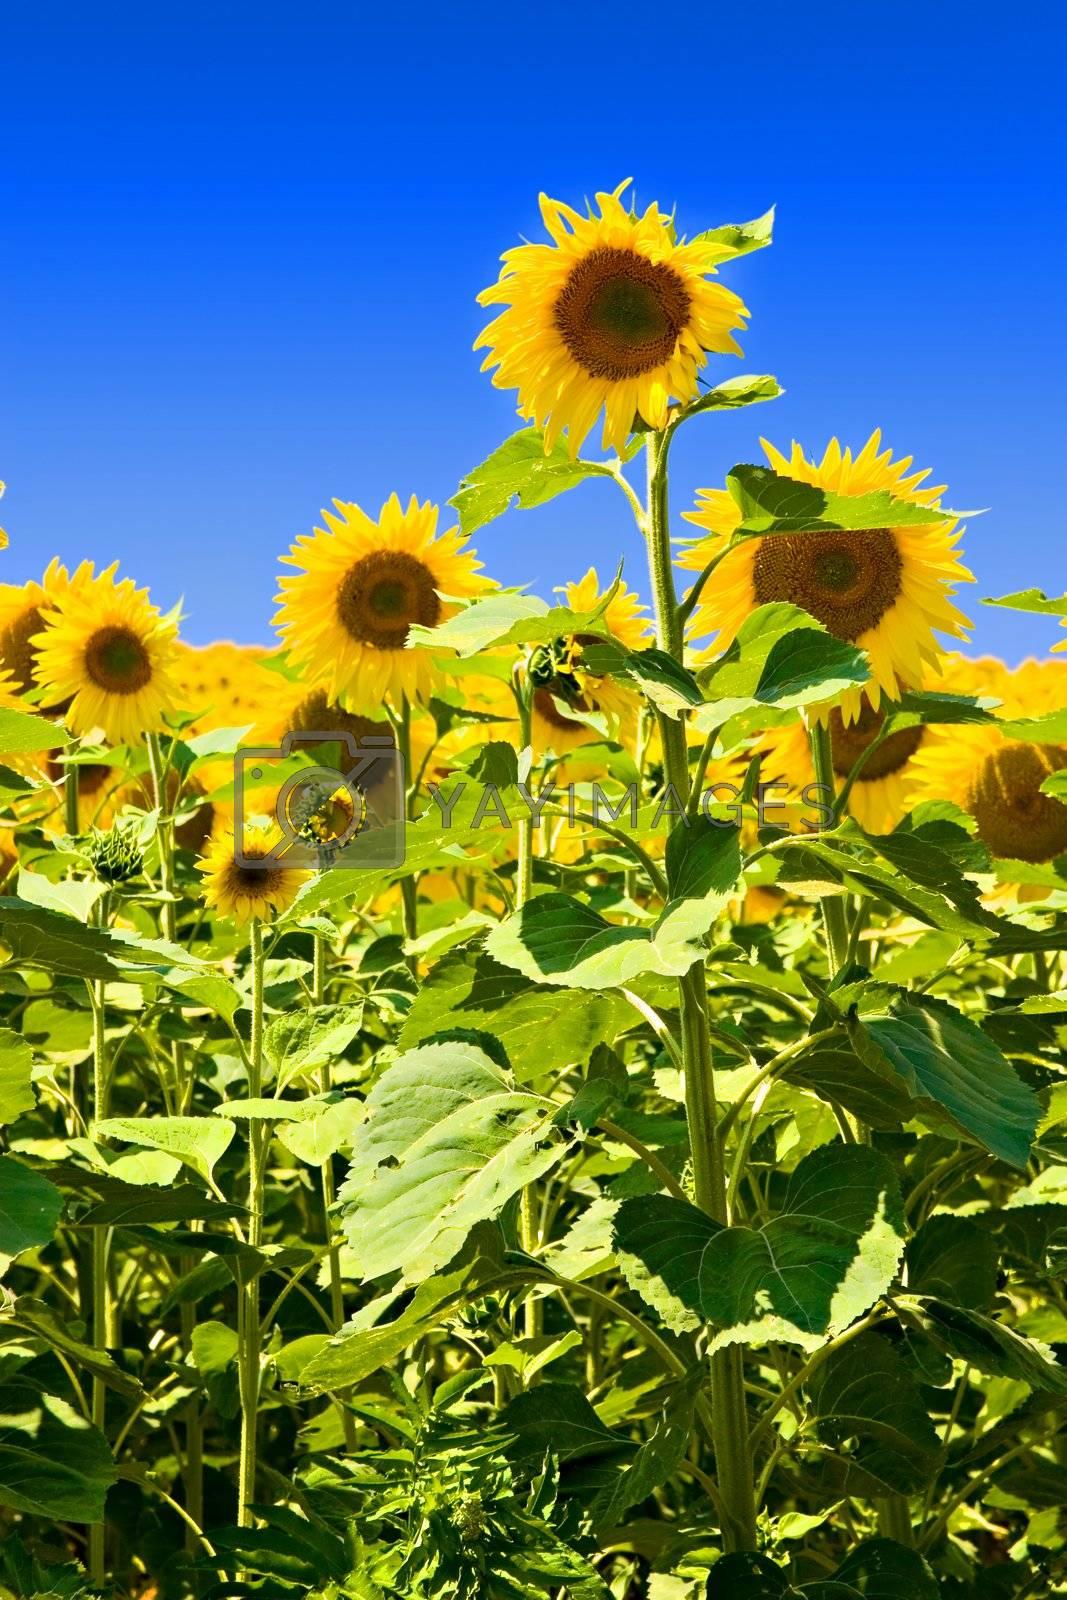 Sunflowers against deep blue sky